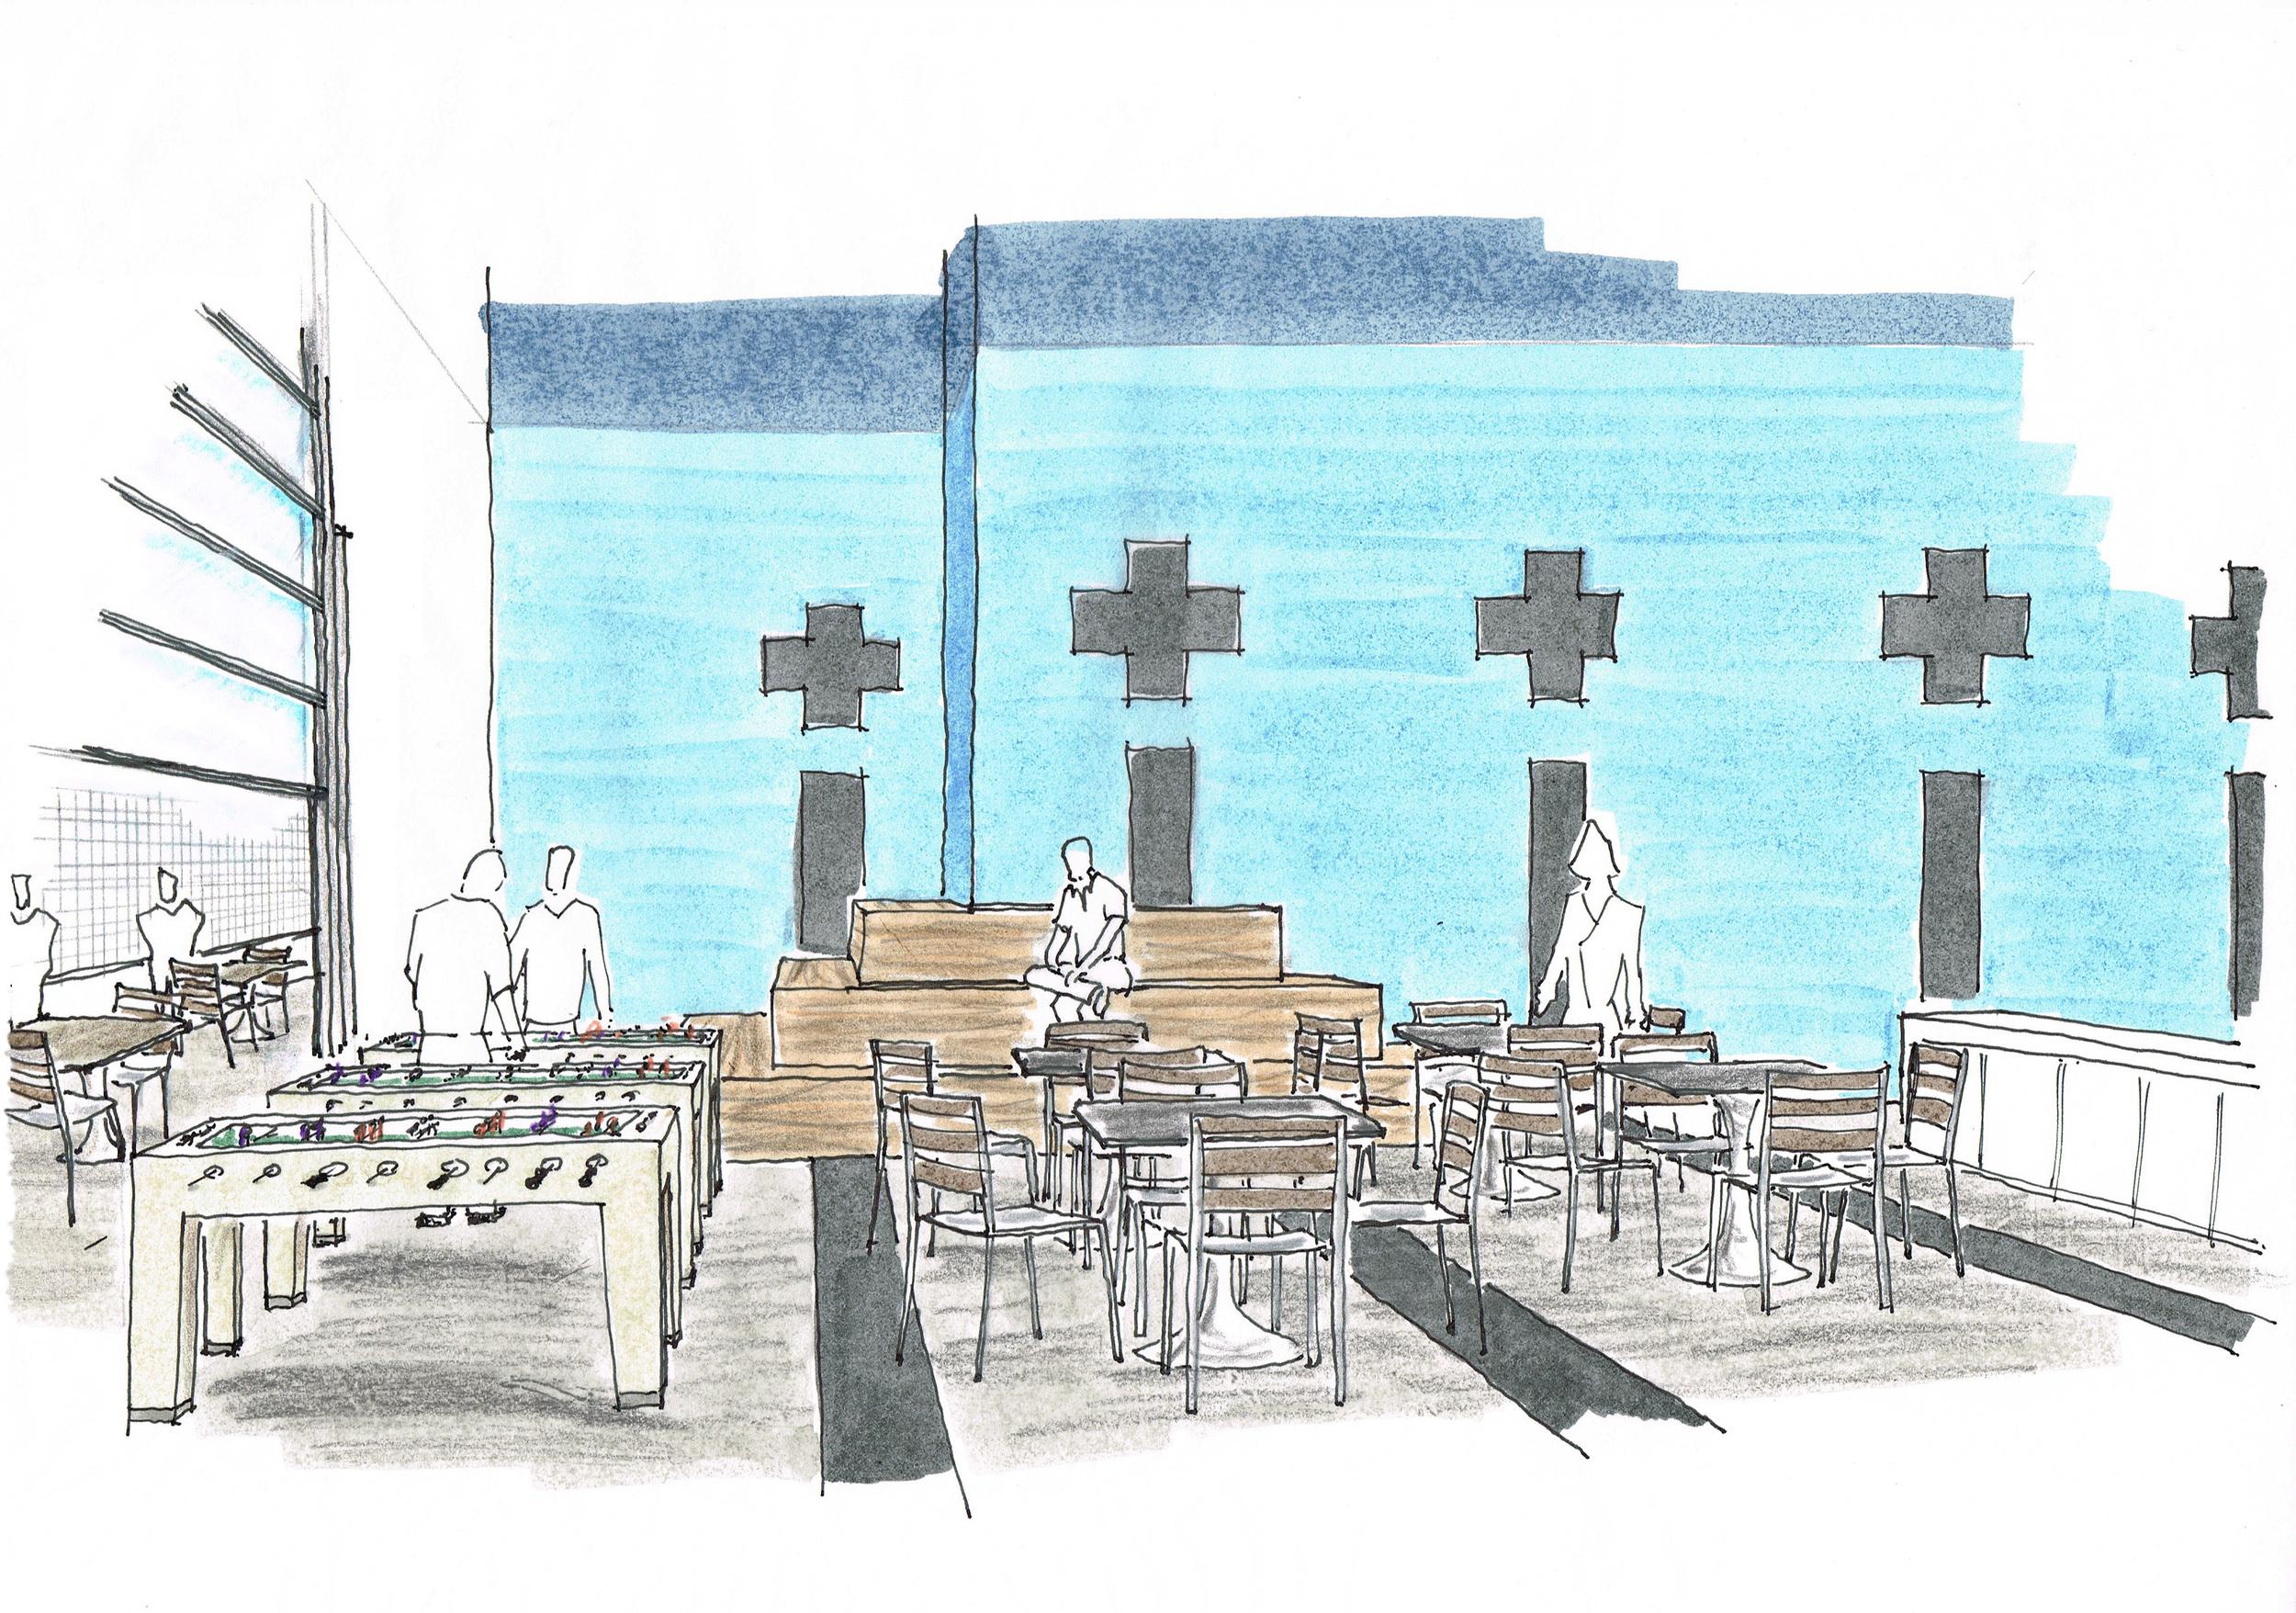 sk lunchroom scan.jpg